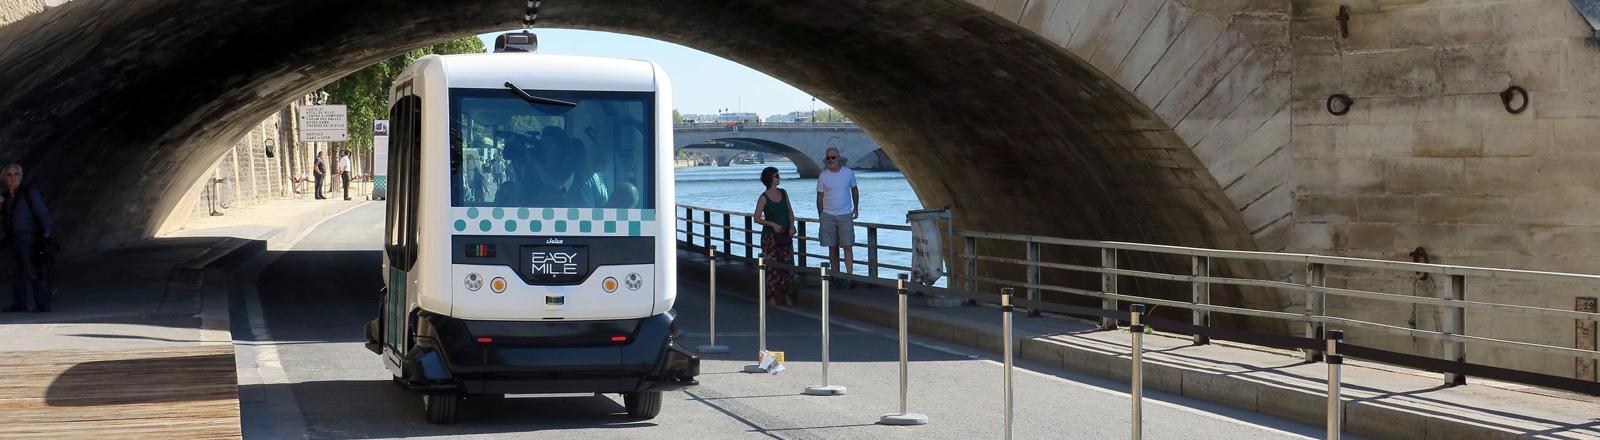 Ein selbstfahrender Elektrobus in Paris